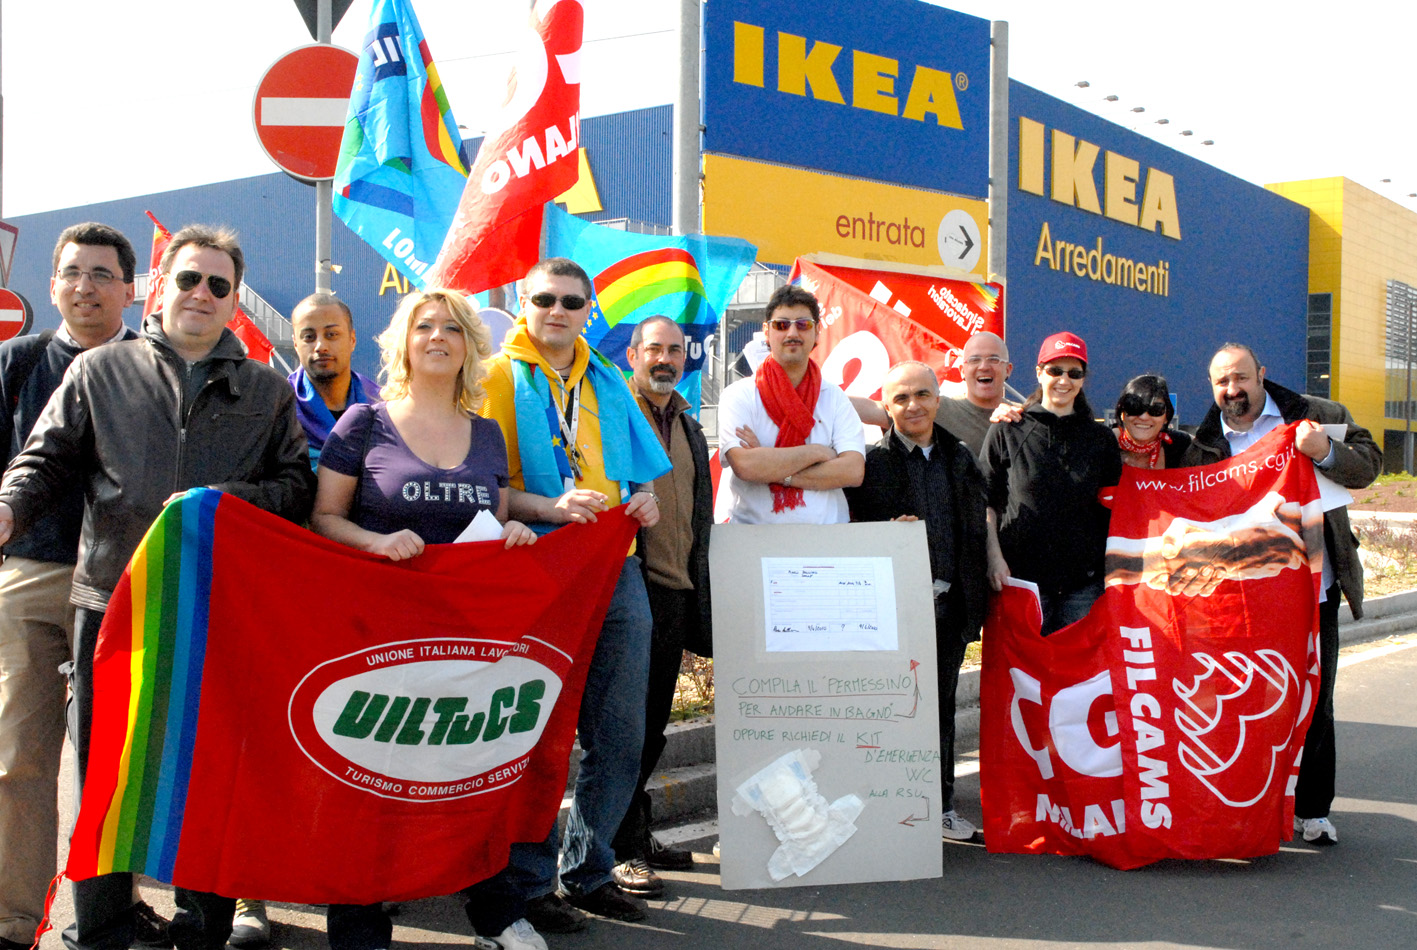 Siono il magazine blog corsico lavoratori ikea di nuovo in sciopero - Navetta per ikea corsico ...